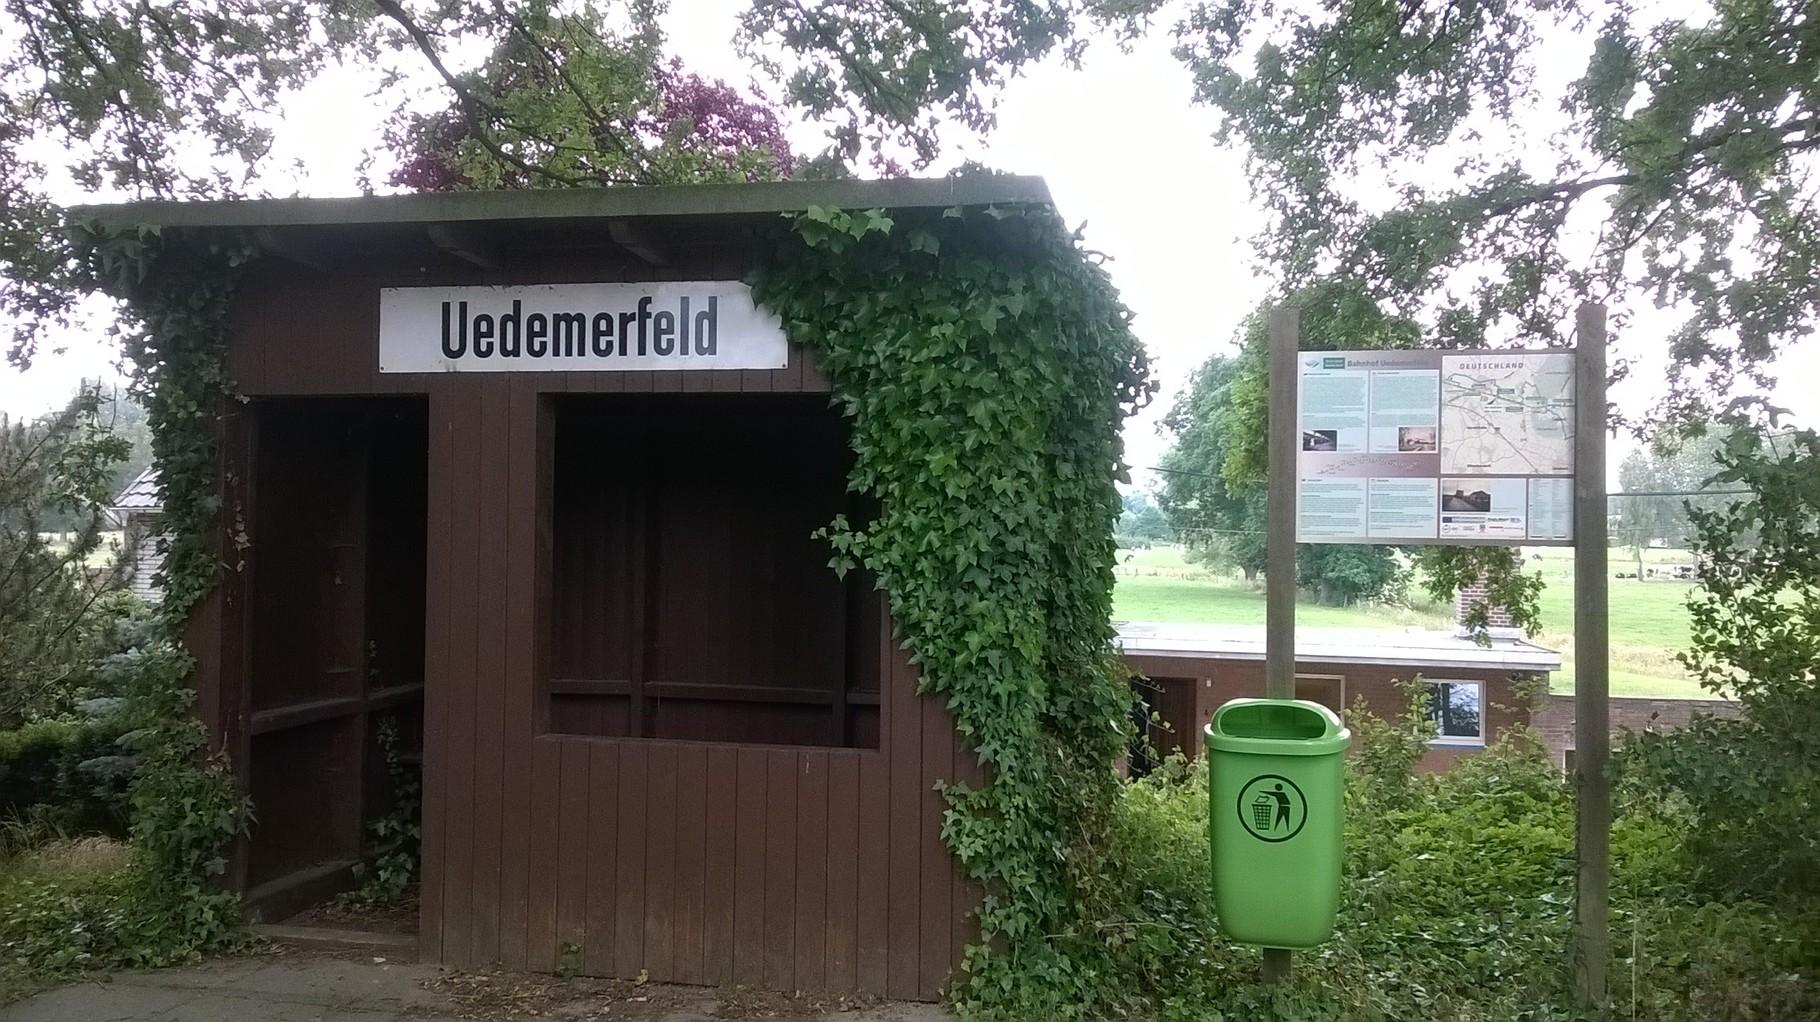 Haltestelle Uedemerfeld